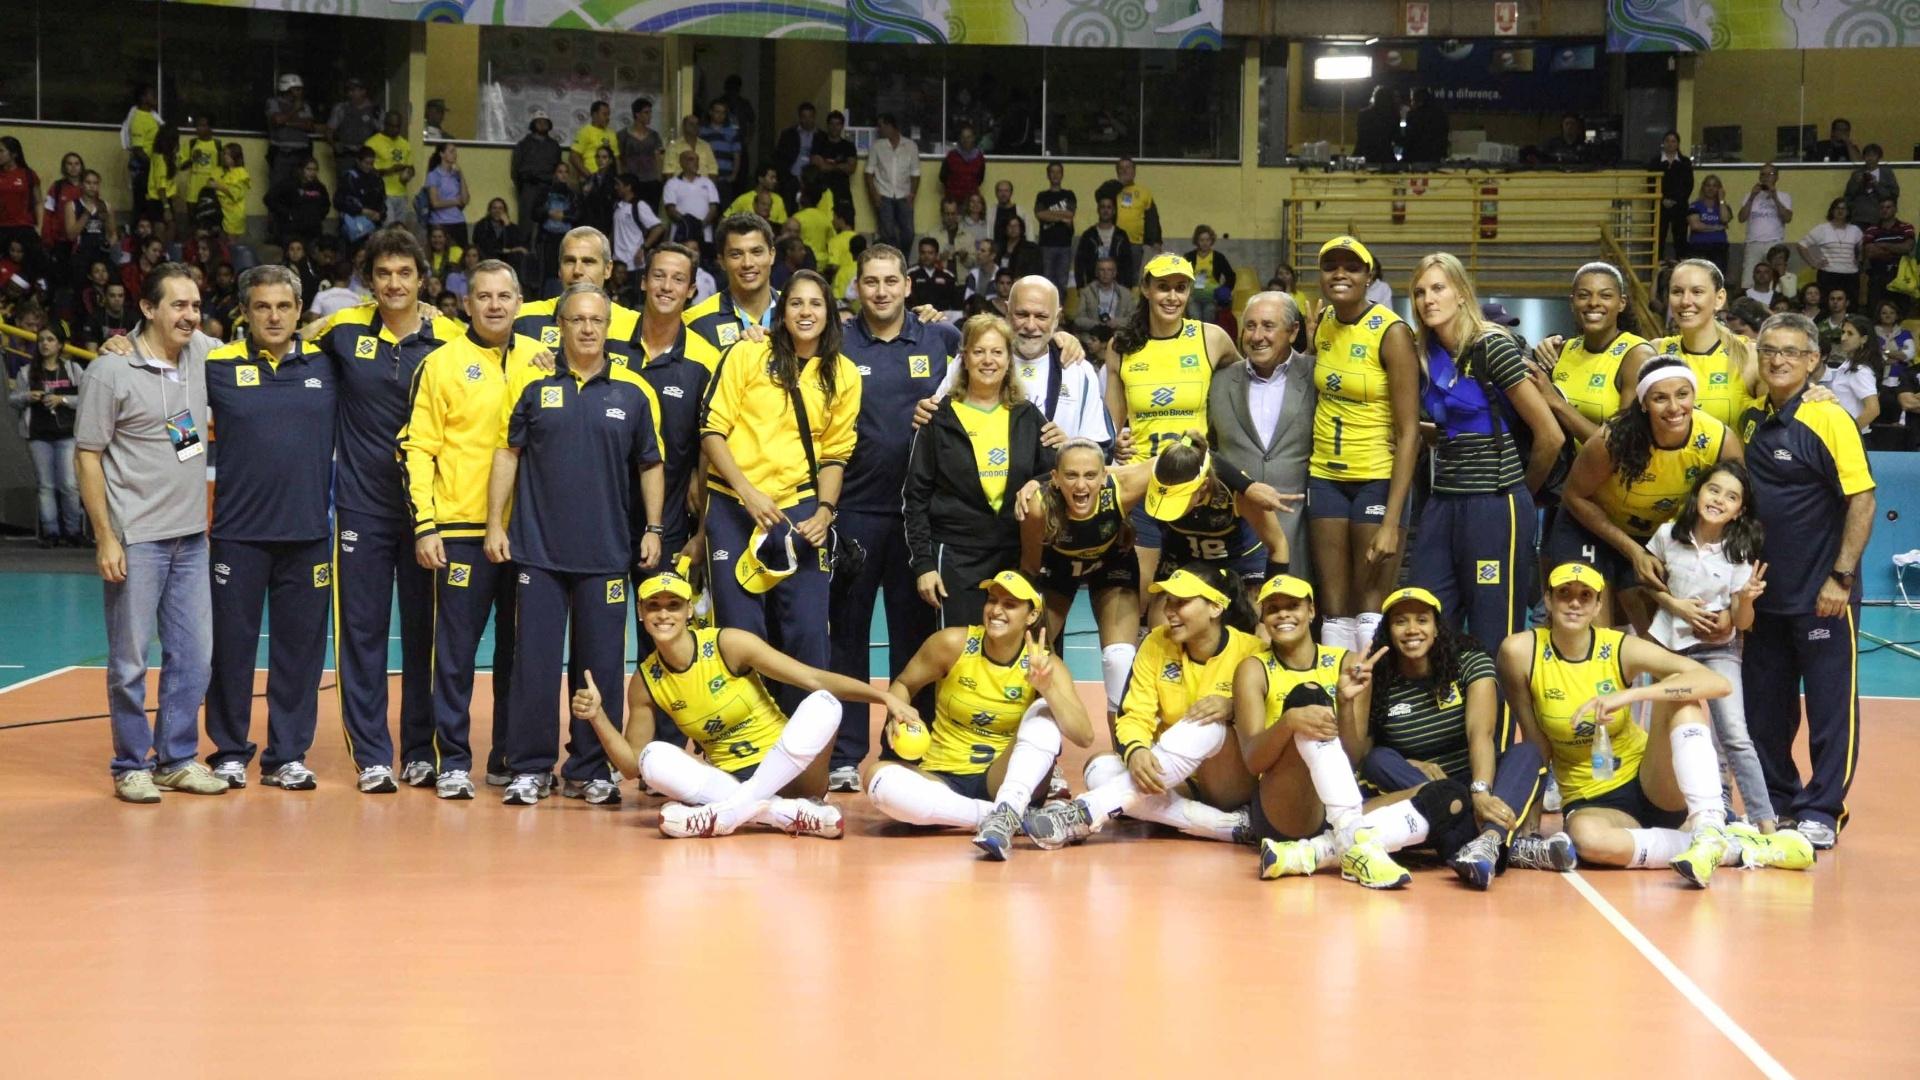 Jogadoras e comissão técnica do Brasil posam para a foto após o título do Pré-Olímpico de vôlei, em São Carlos